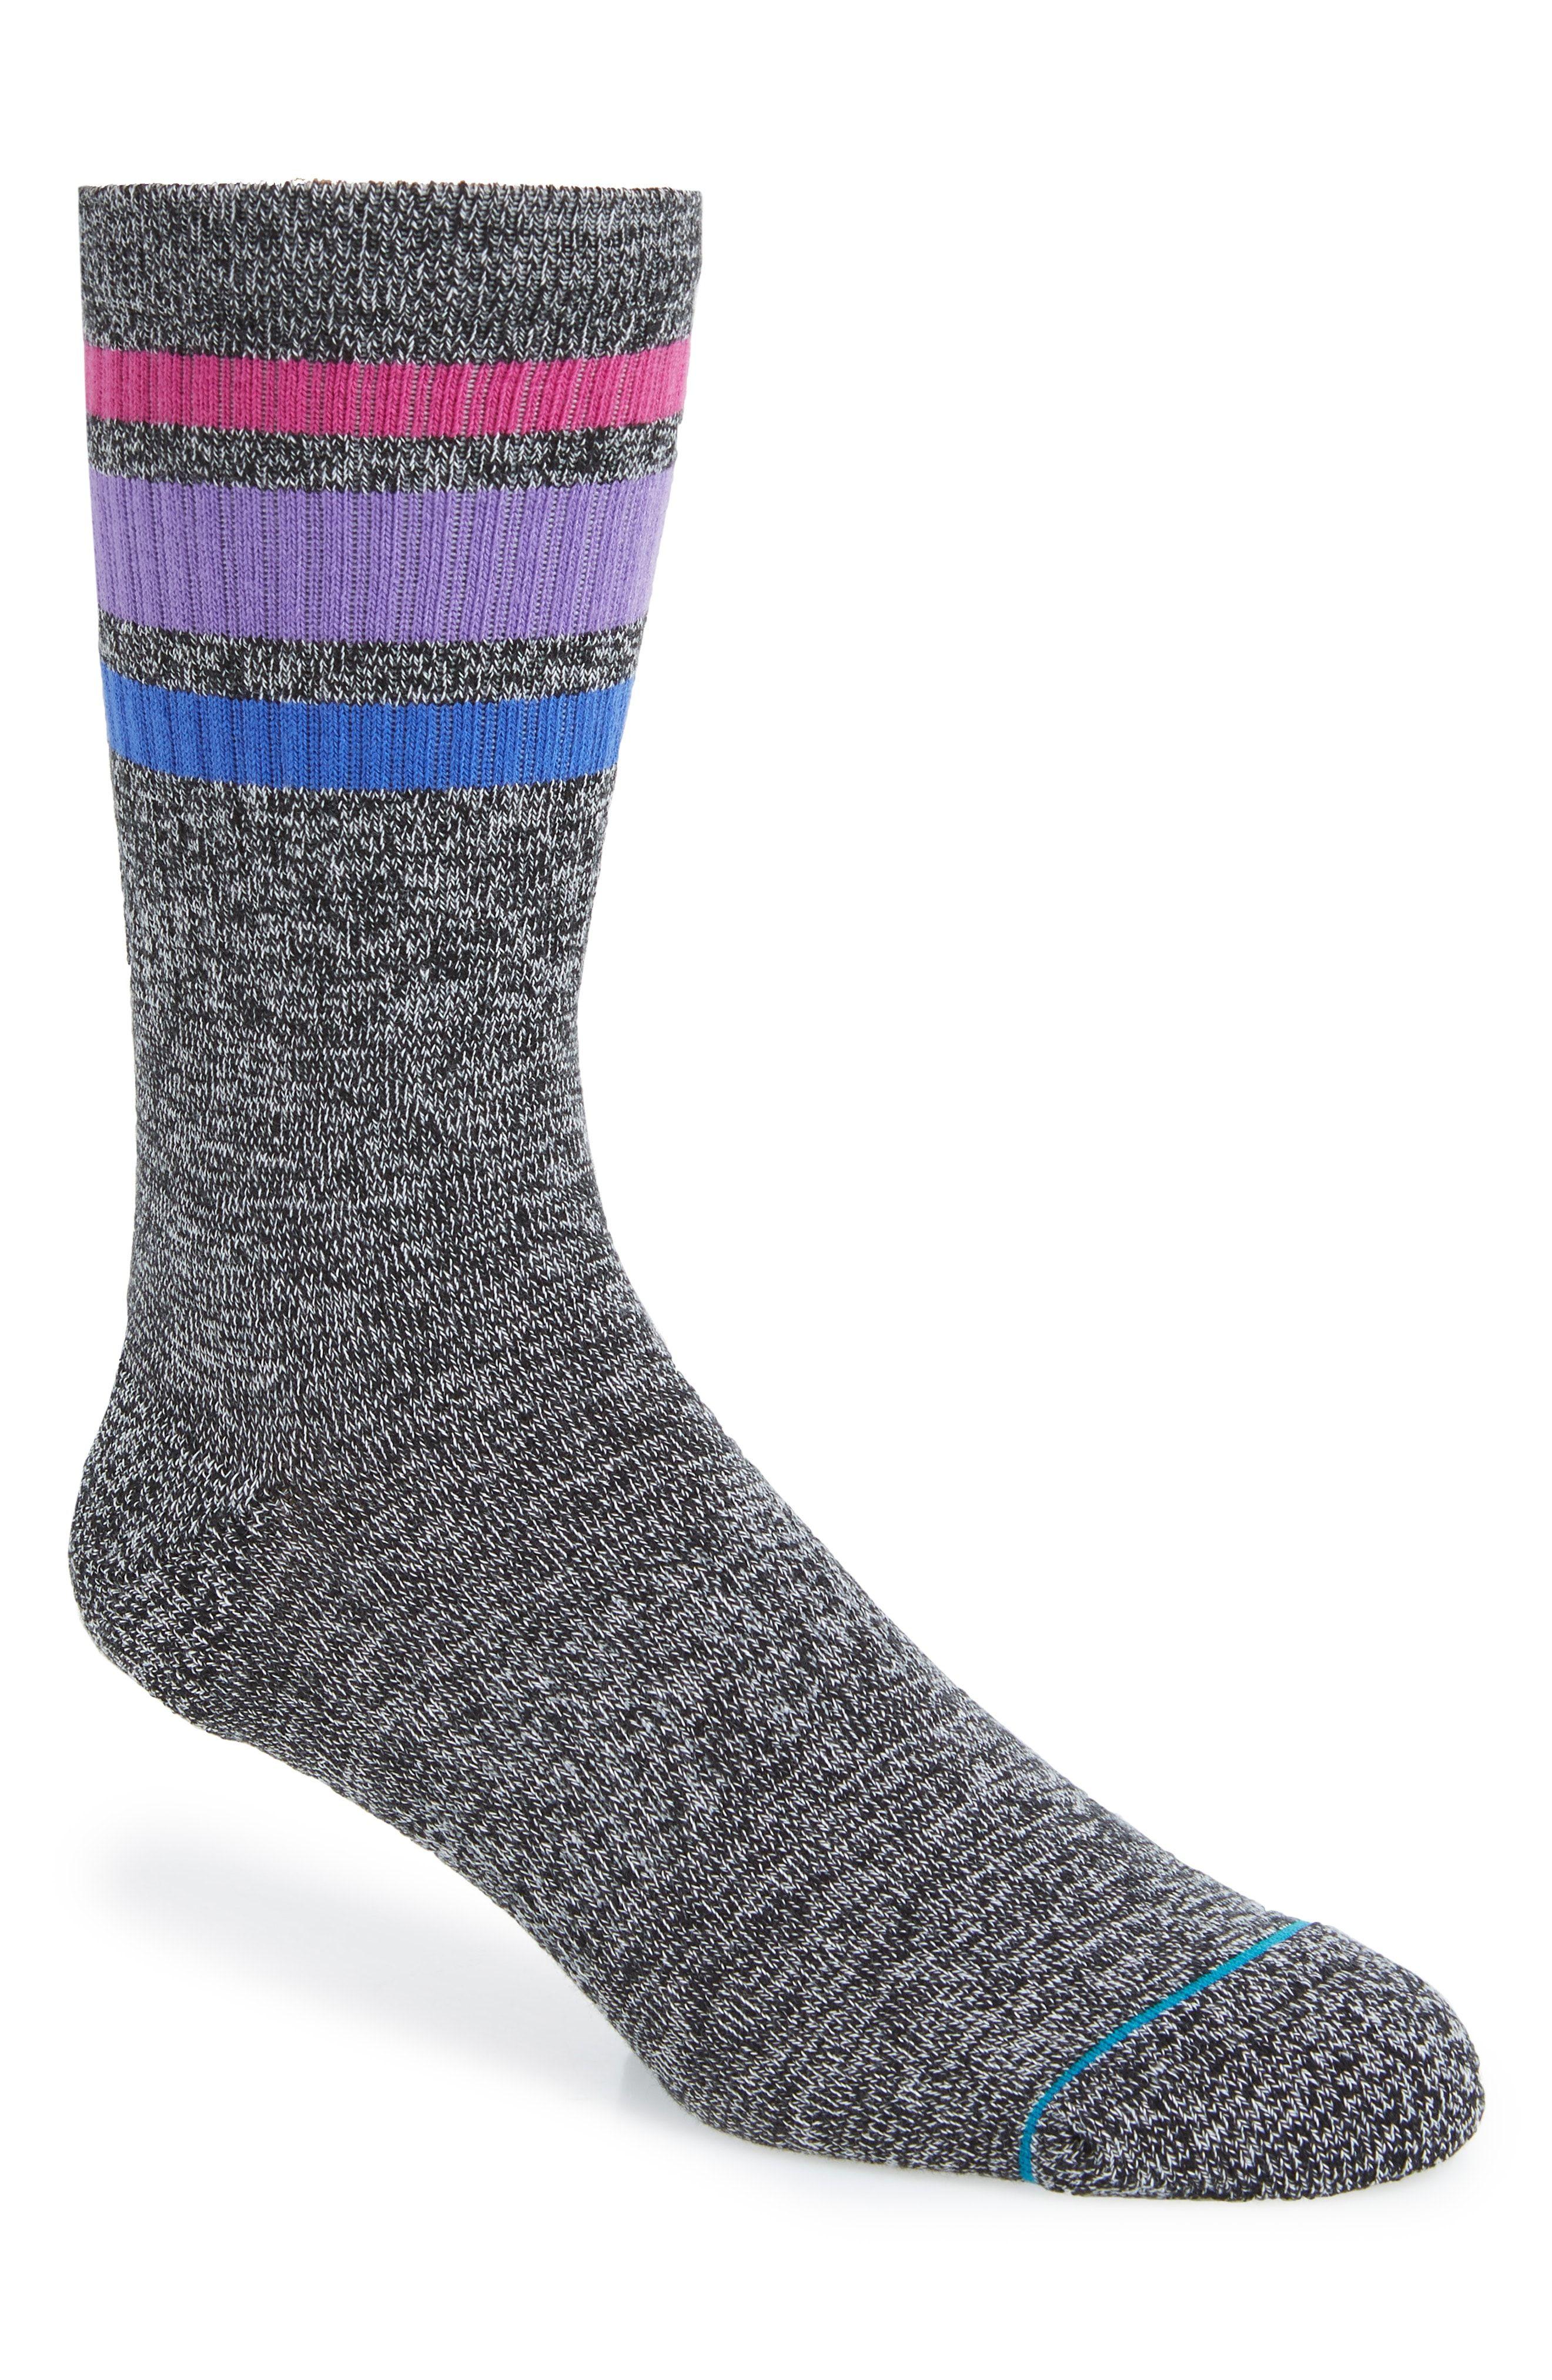 Stance Boyd 4 Crew Socks in Heather Grey